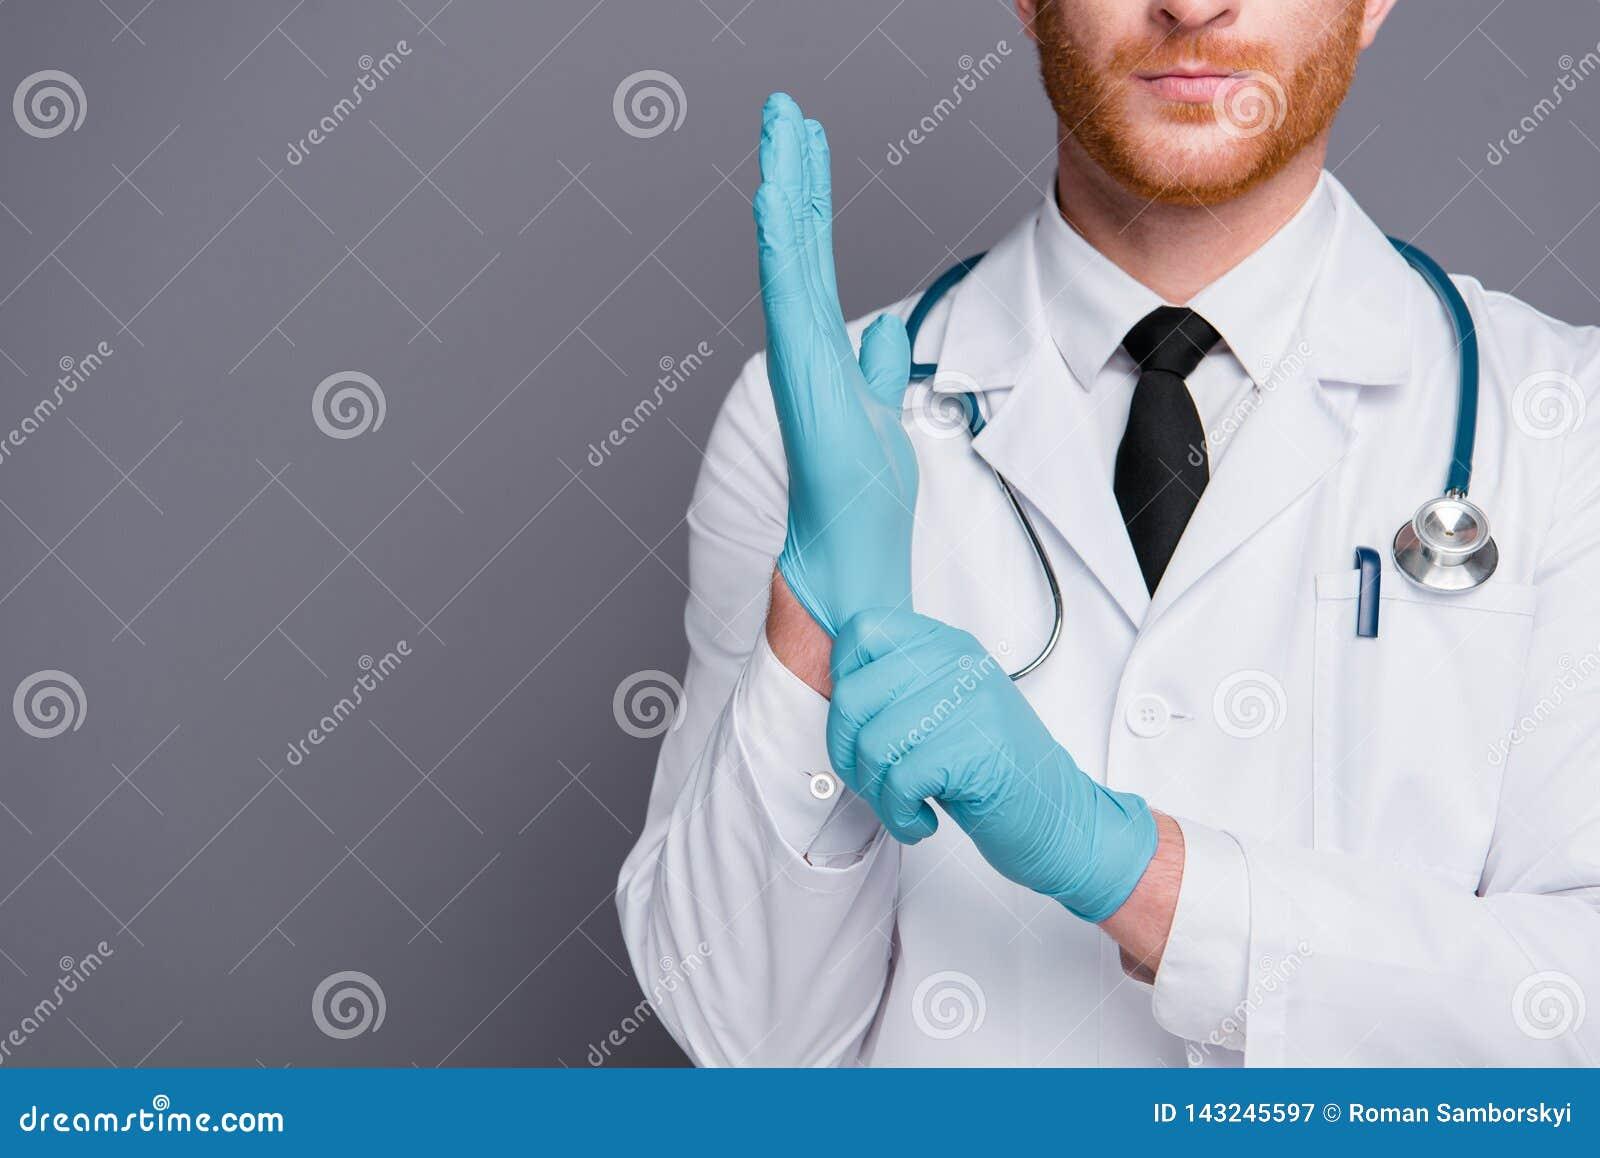 La foto cosechada del doc. pone el guante azul a mano aislado en GR oscuro